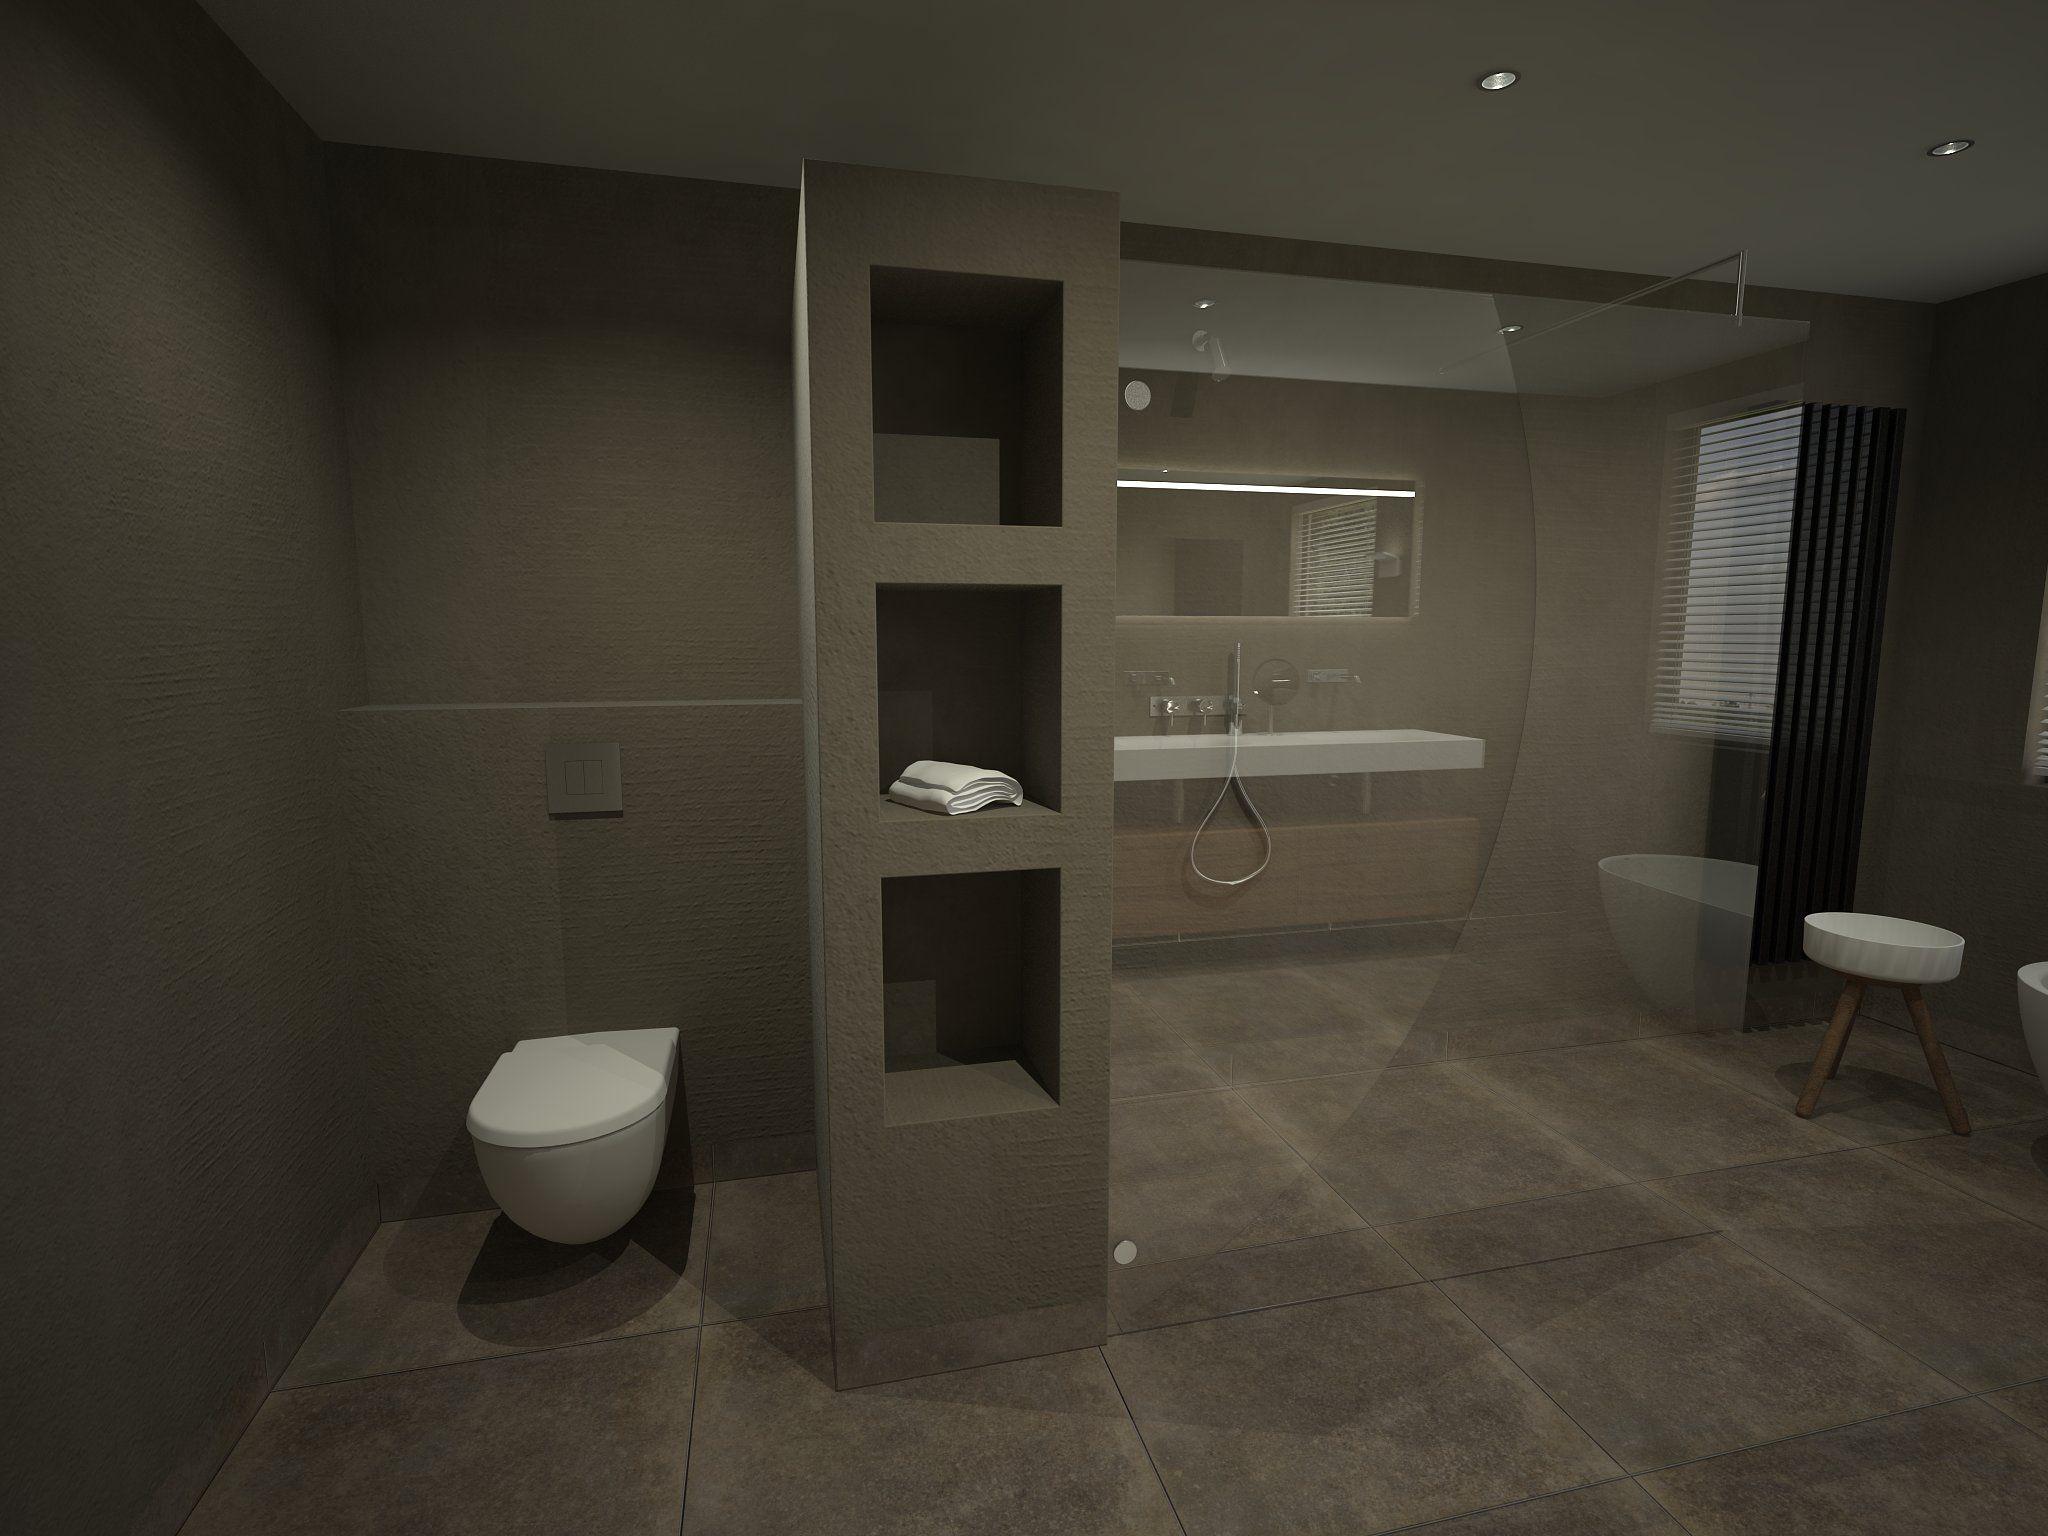 Beniers badkamers voor een badkamer in beton cire idee n voor het huis pinterest for Badkamer design italiaanse douche